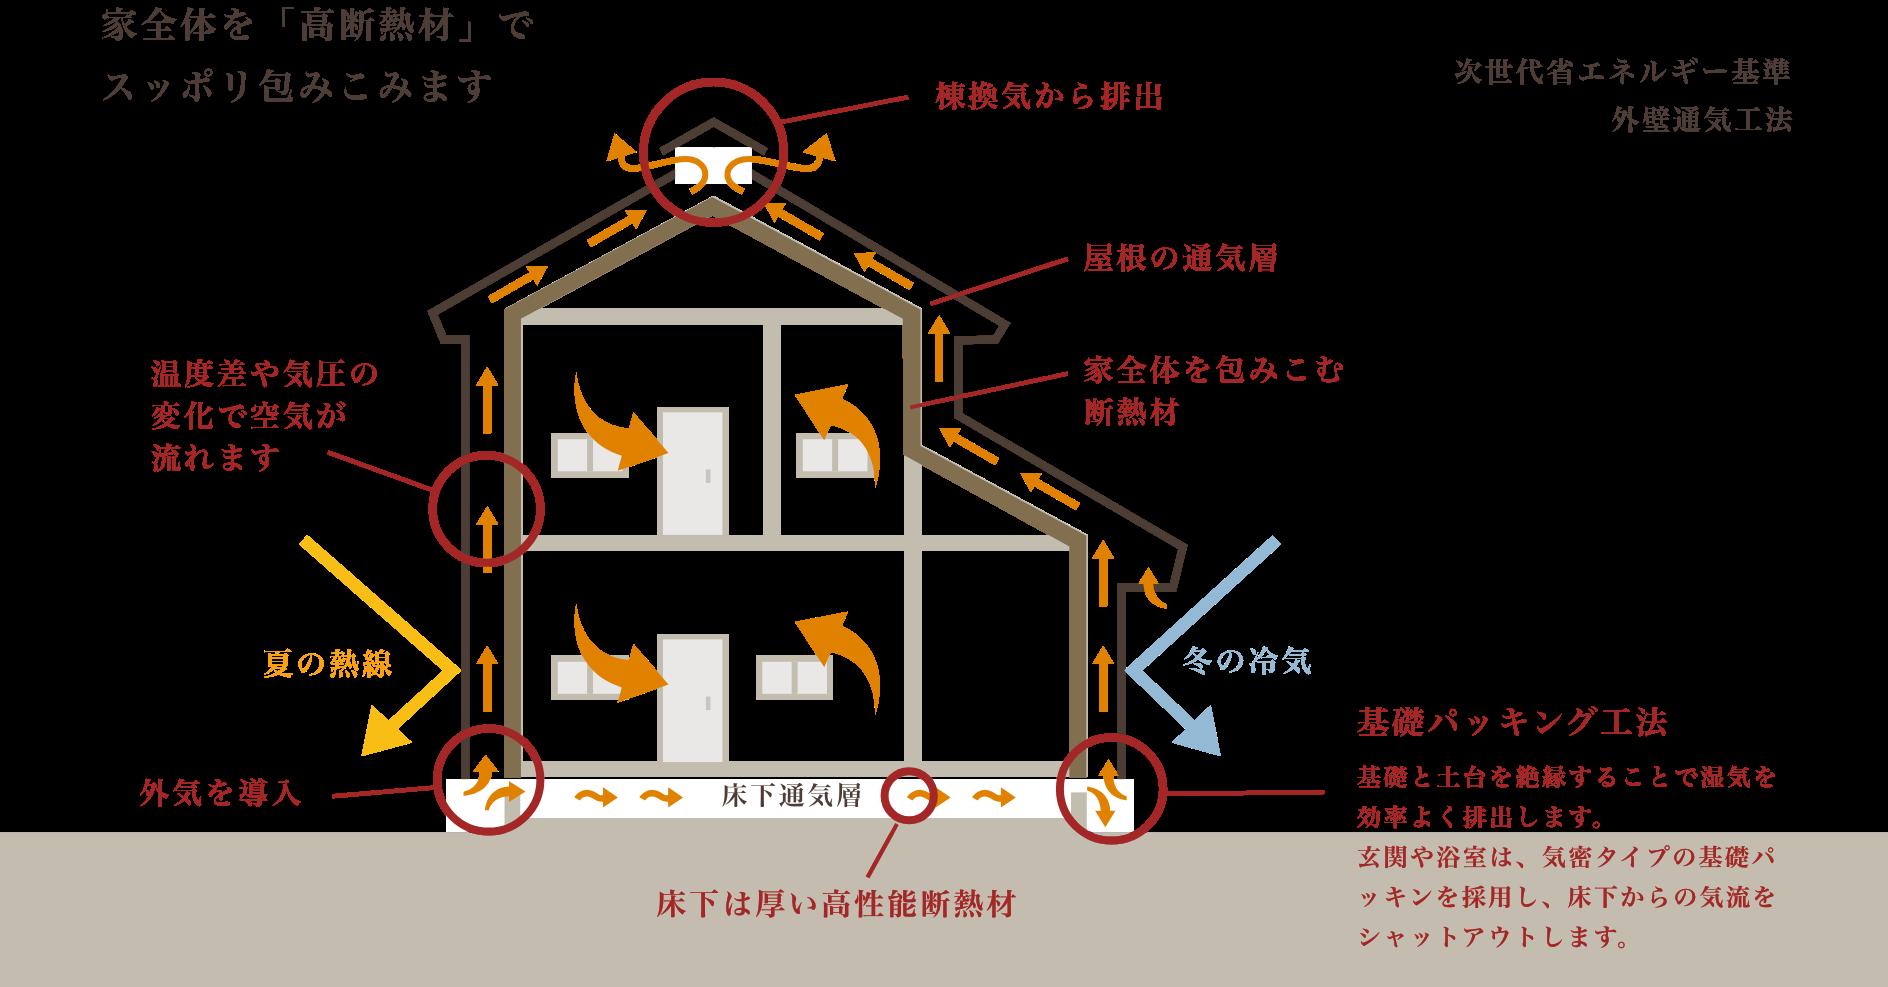 外壁通気工法について